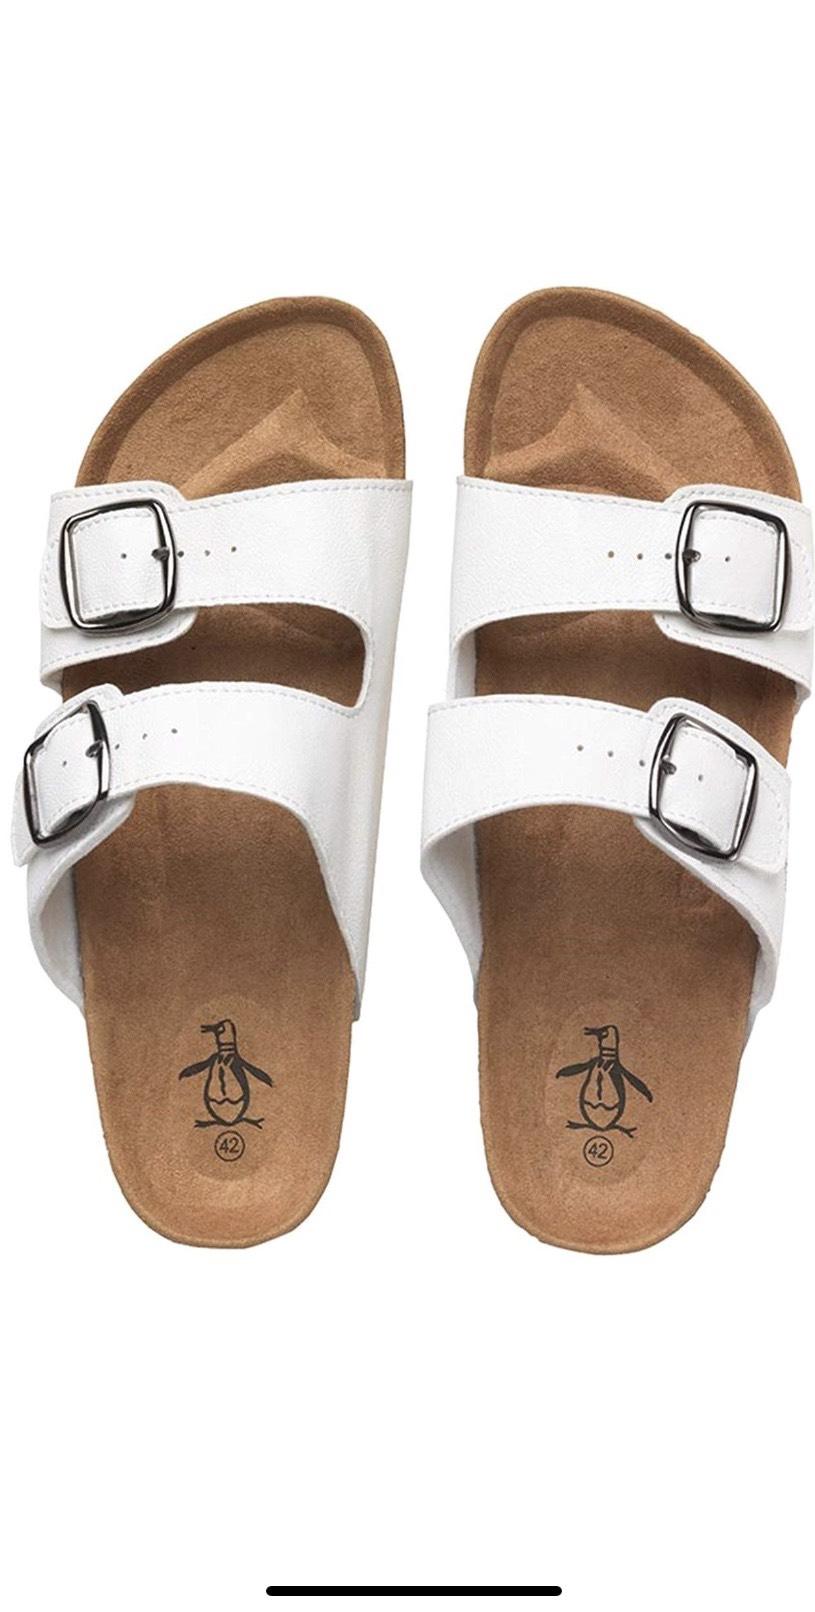 Original Penguin Men's Sandals - £4.99 + £4.99 delivery / C&C @ MandM Direct